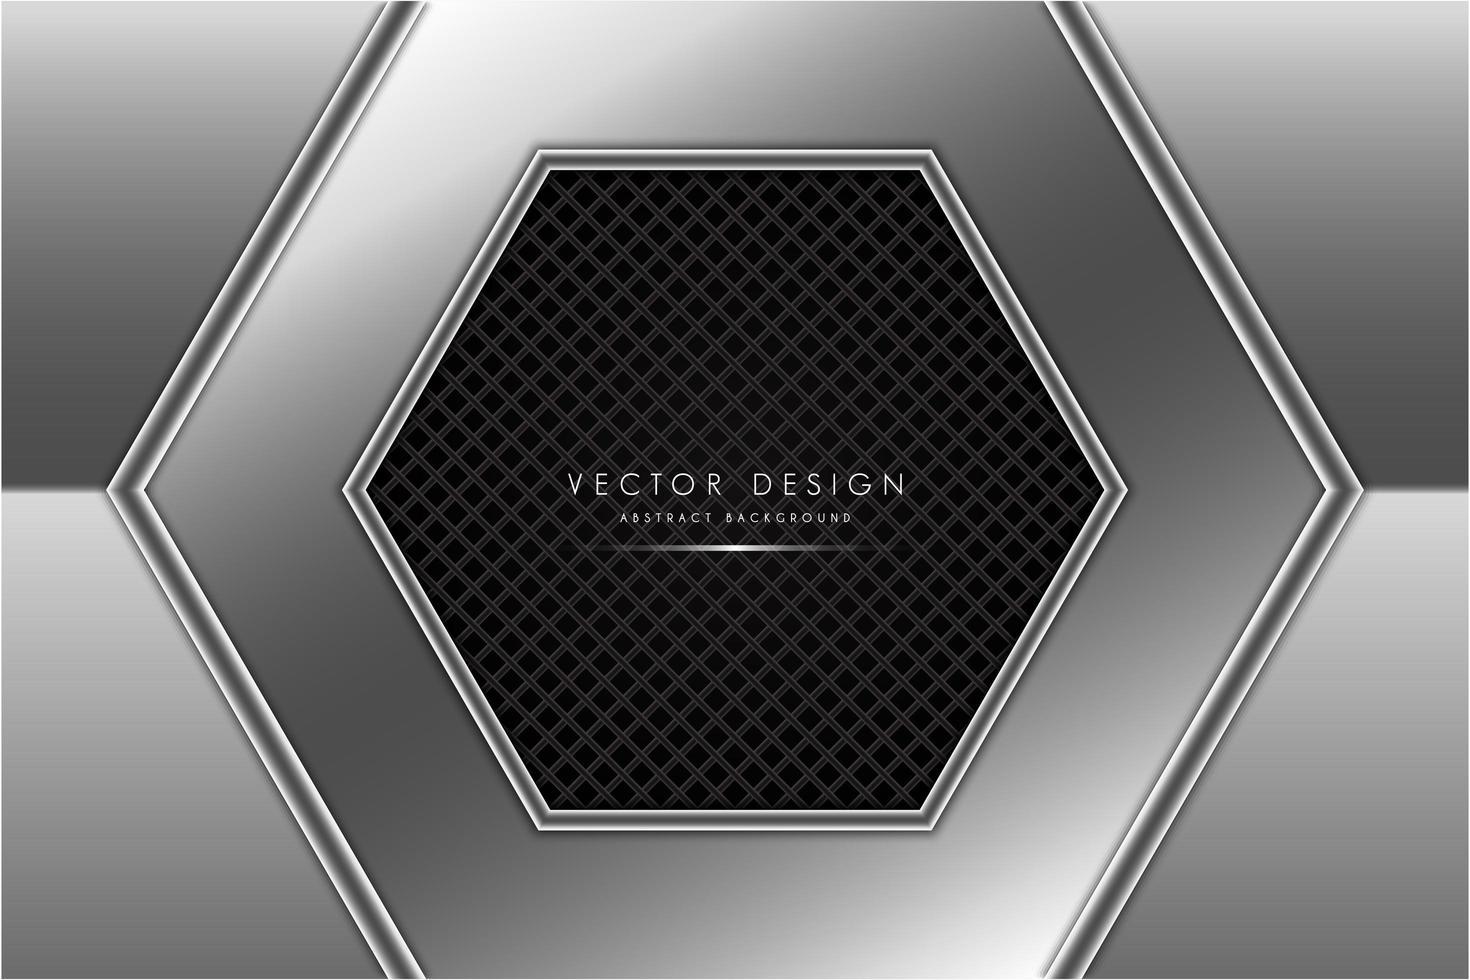 metaalgrijze zeshoekige vorm met koolstofvezeltextuur vector